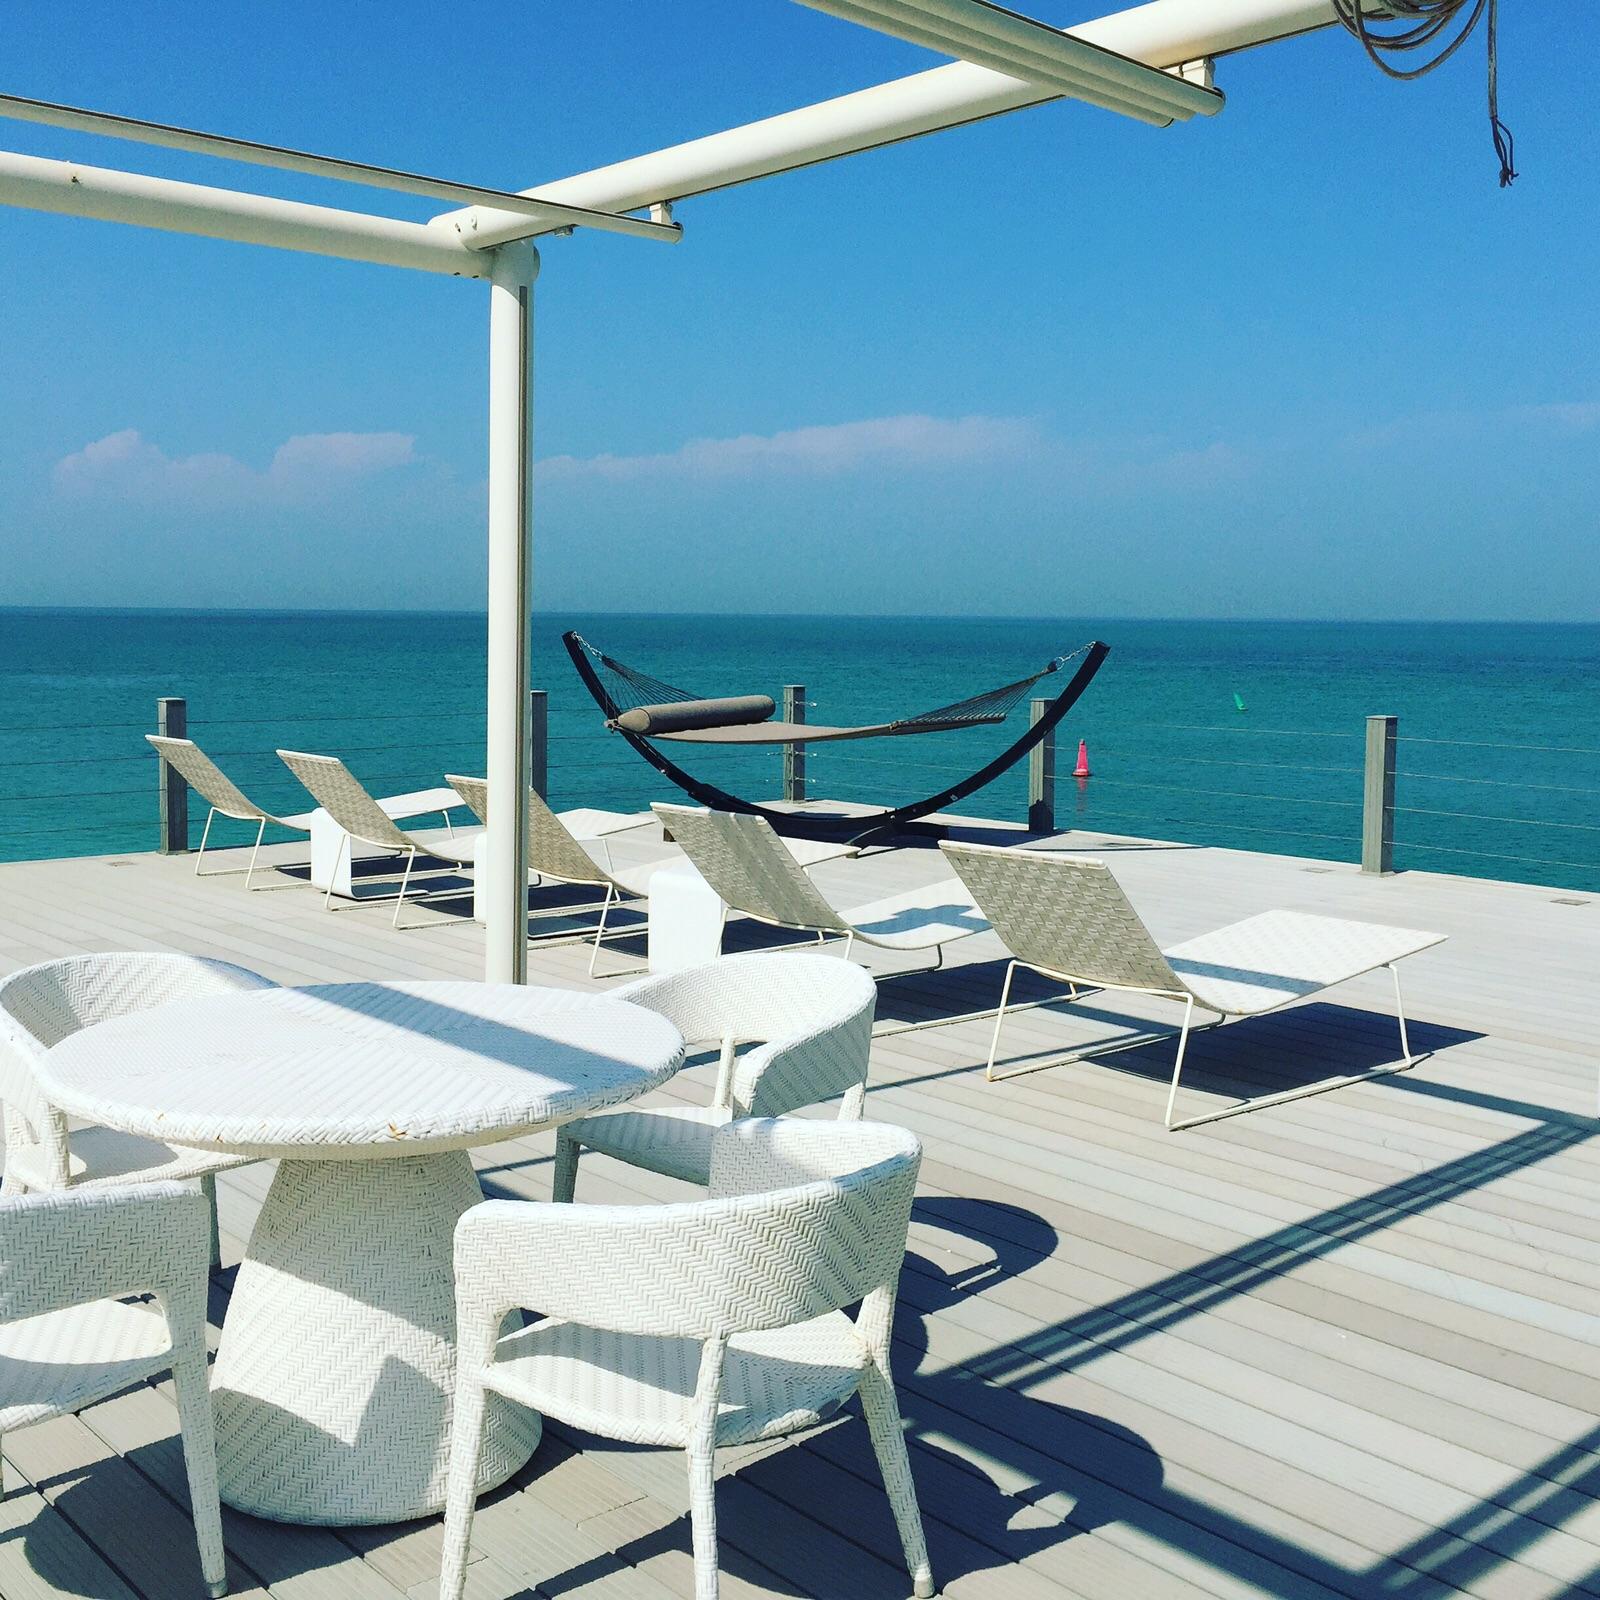 zaya nurai wooden deck, Dubai, Middle East, Pierchic, zaya nurai, zaya nurai resort